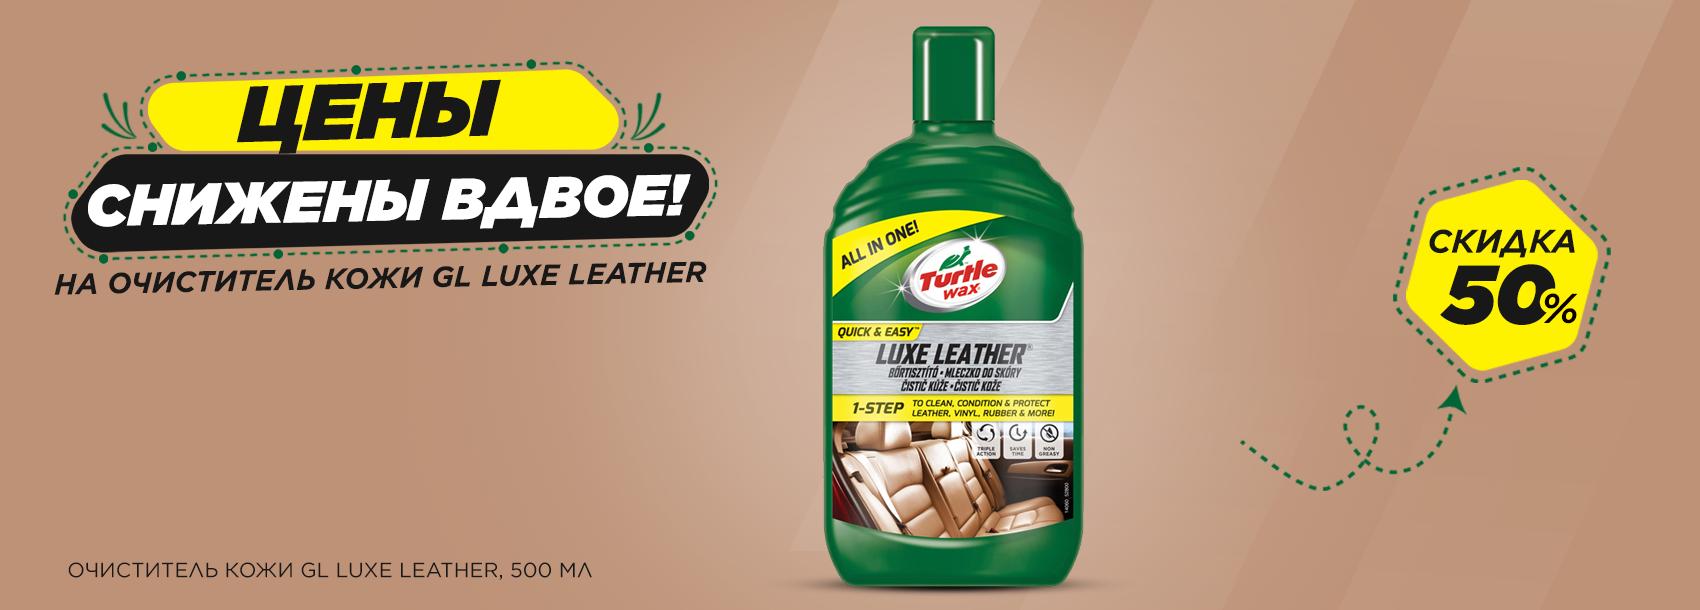 ЦЕНЫ снижены вдвое! 50% скидка на очиститель кожи GL LUXE LEATHER от Turtle Wax